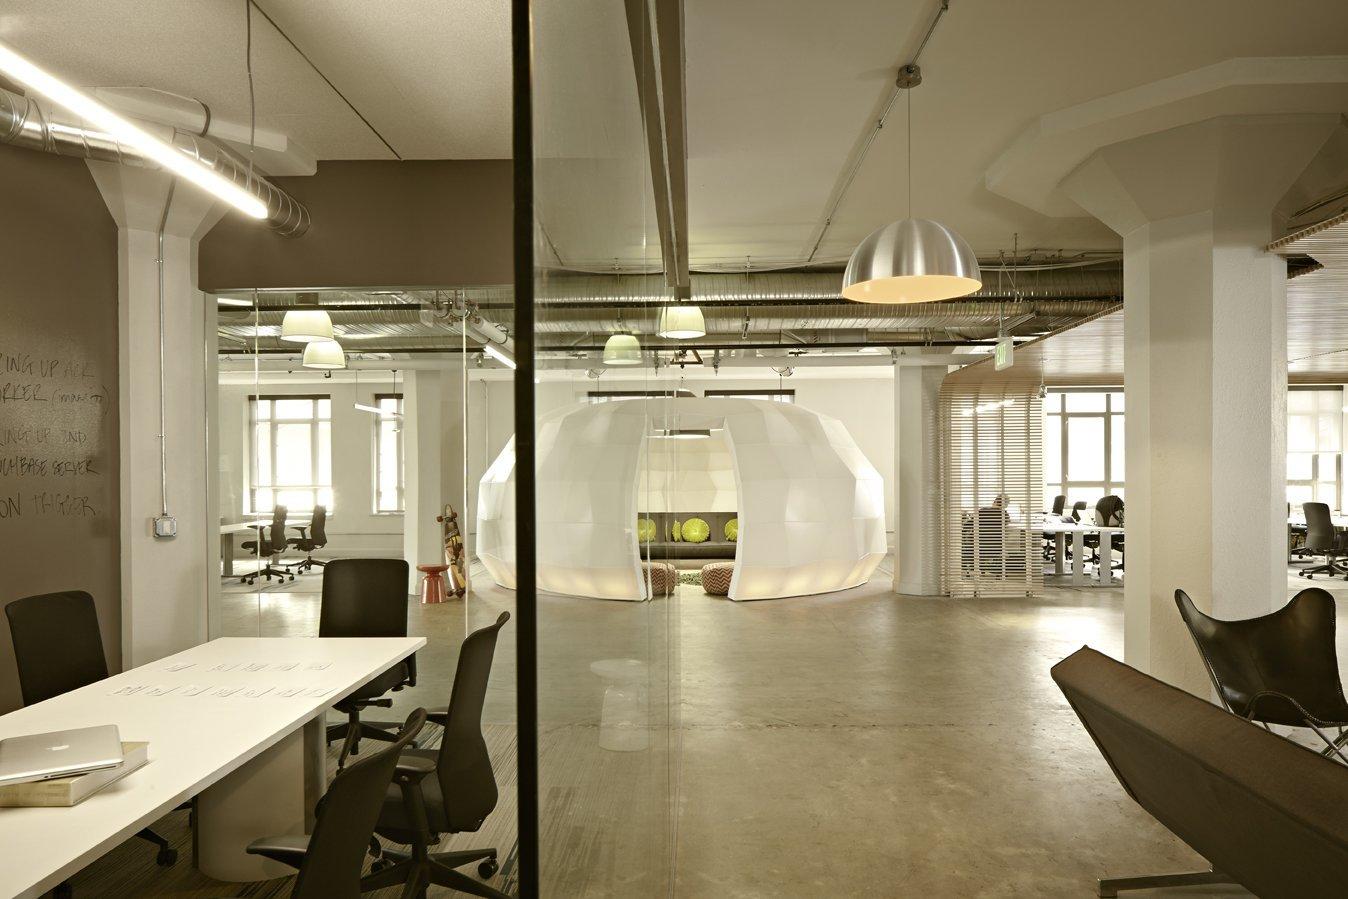 Fme Architecture Design: Startup Incubator In SoMa